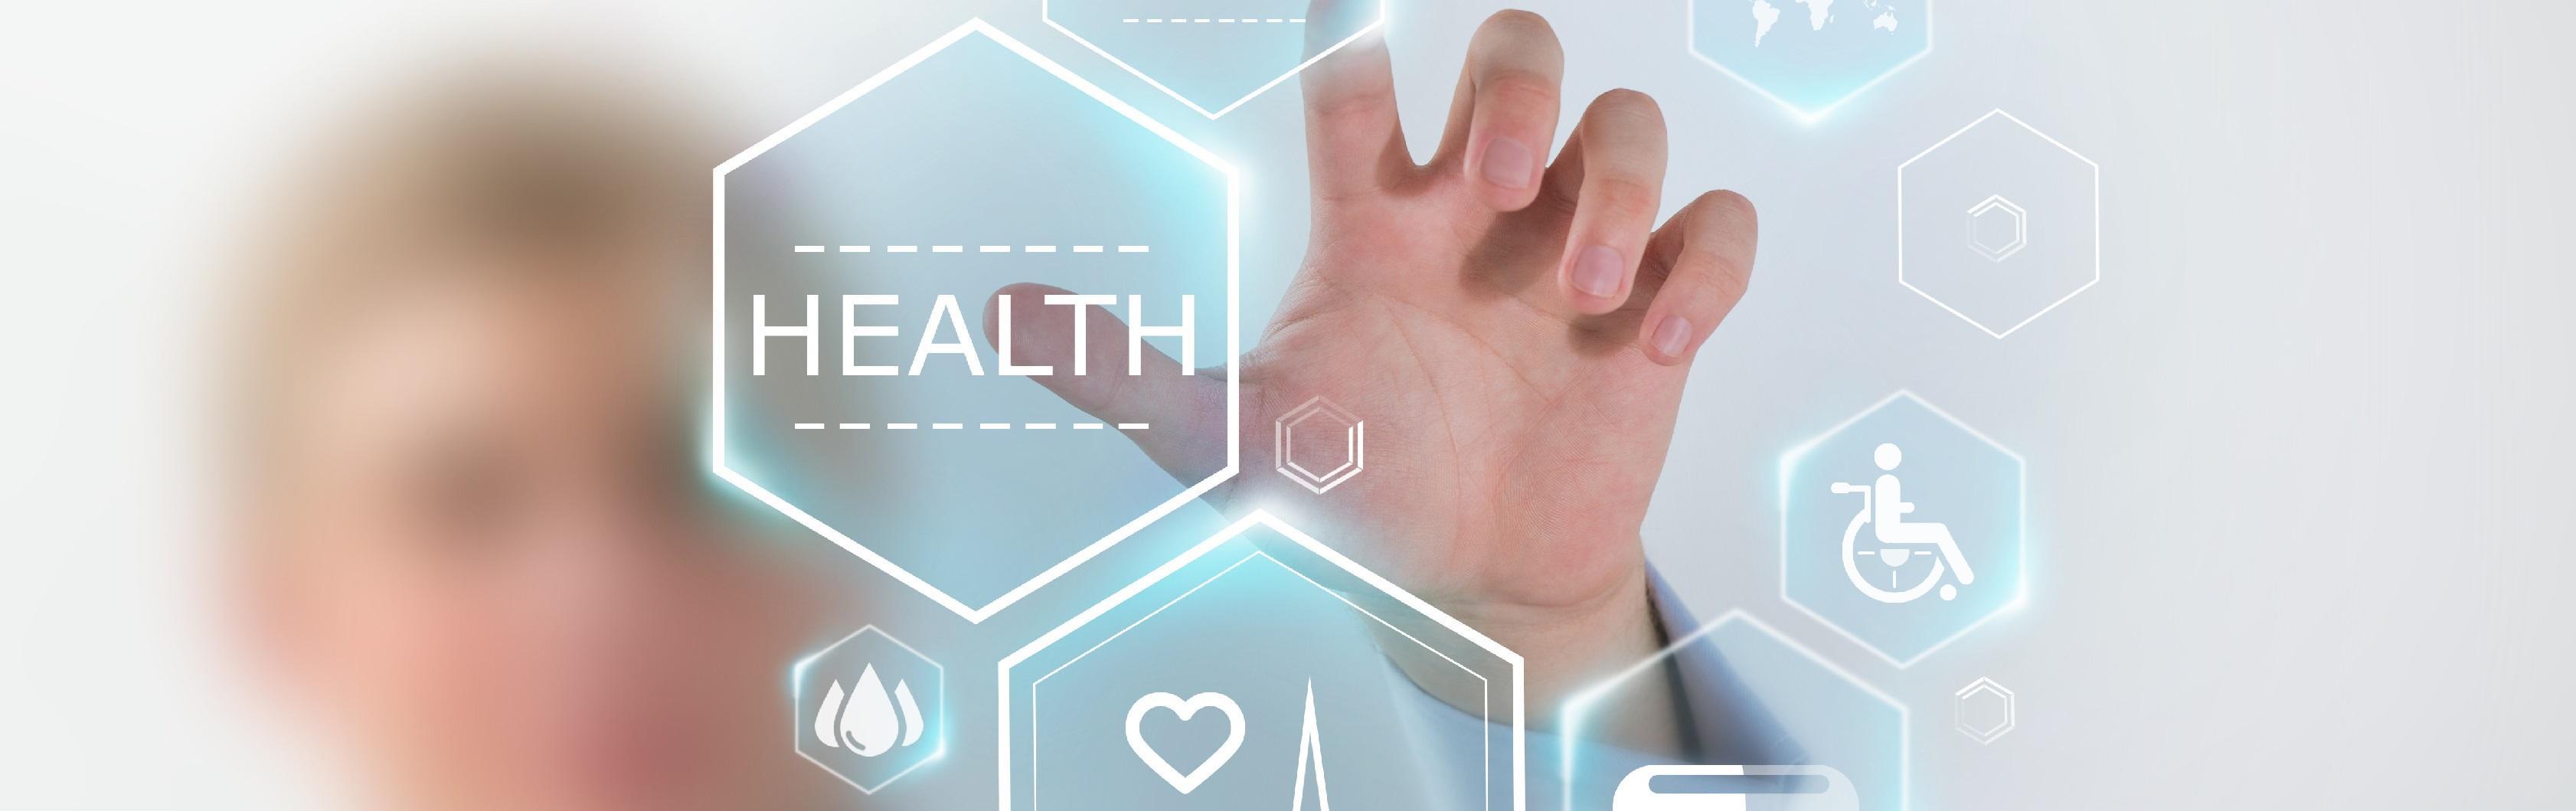 საყოველთაო ჯანდაცვის პროგრამის რეფორმის ანალიზი